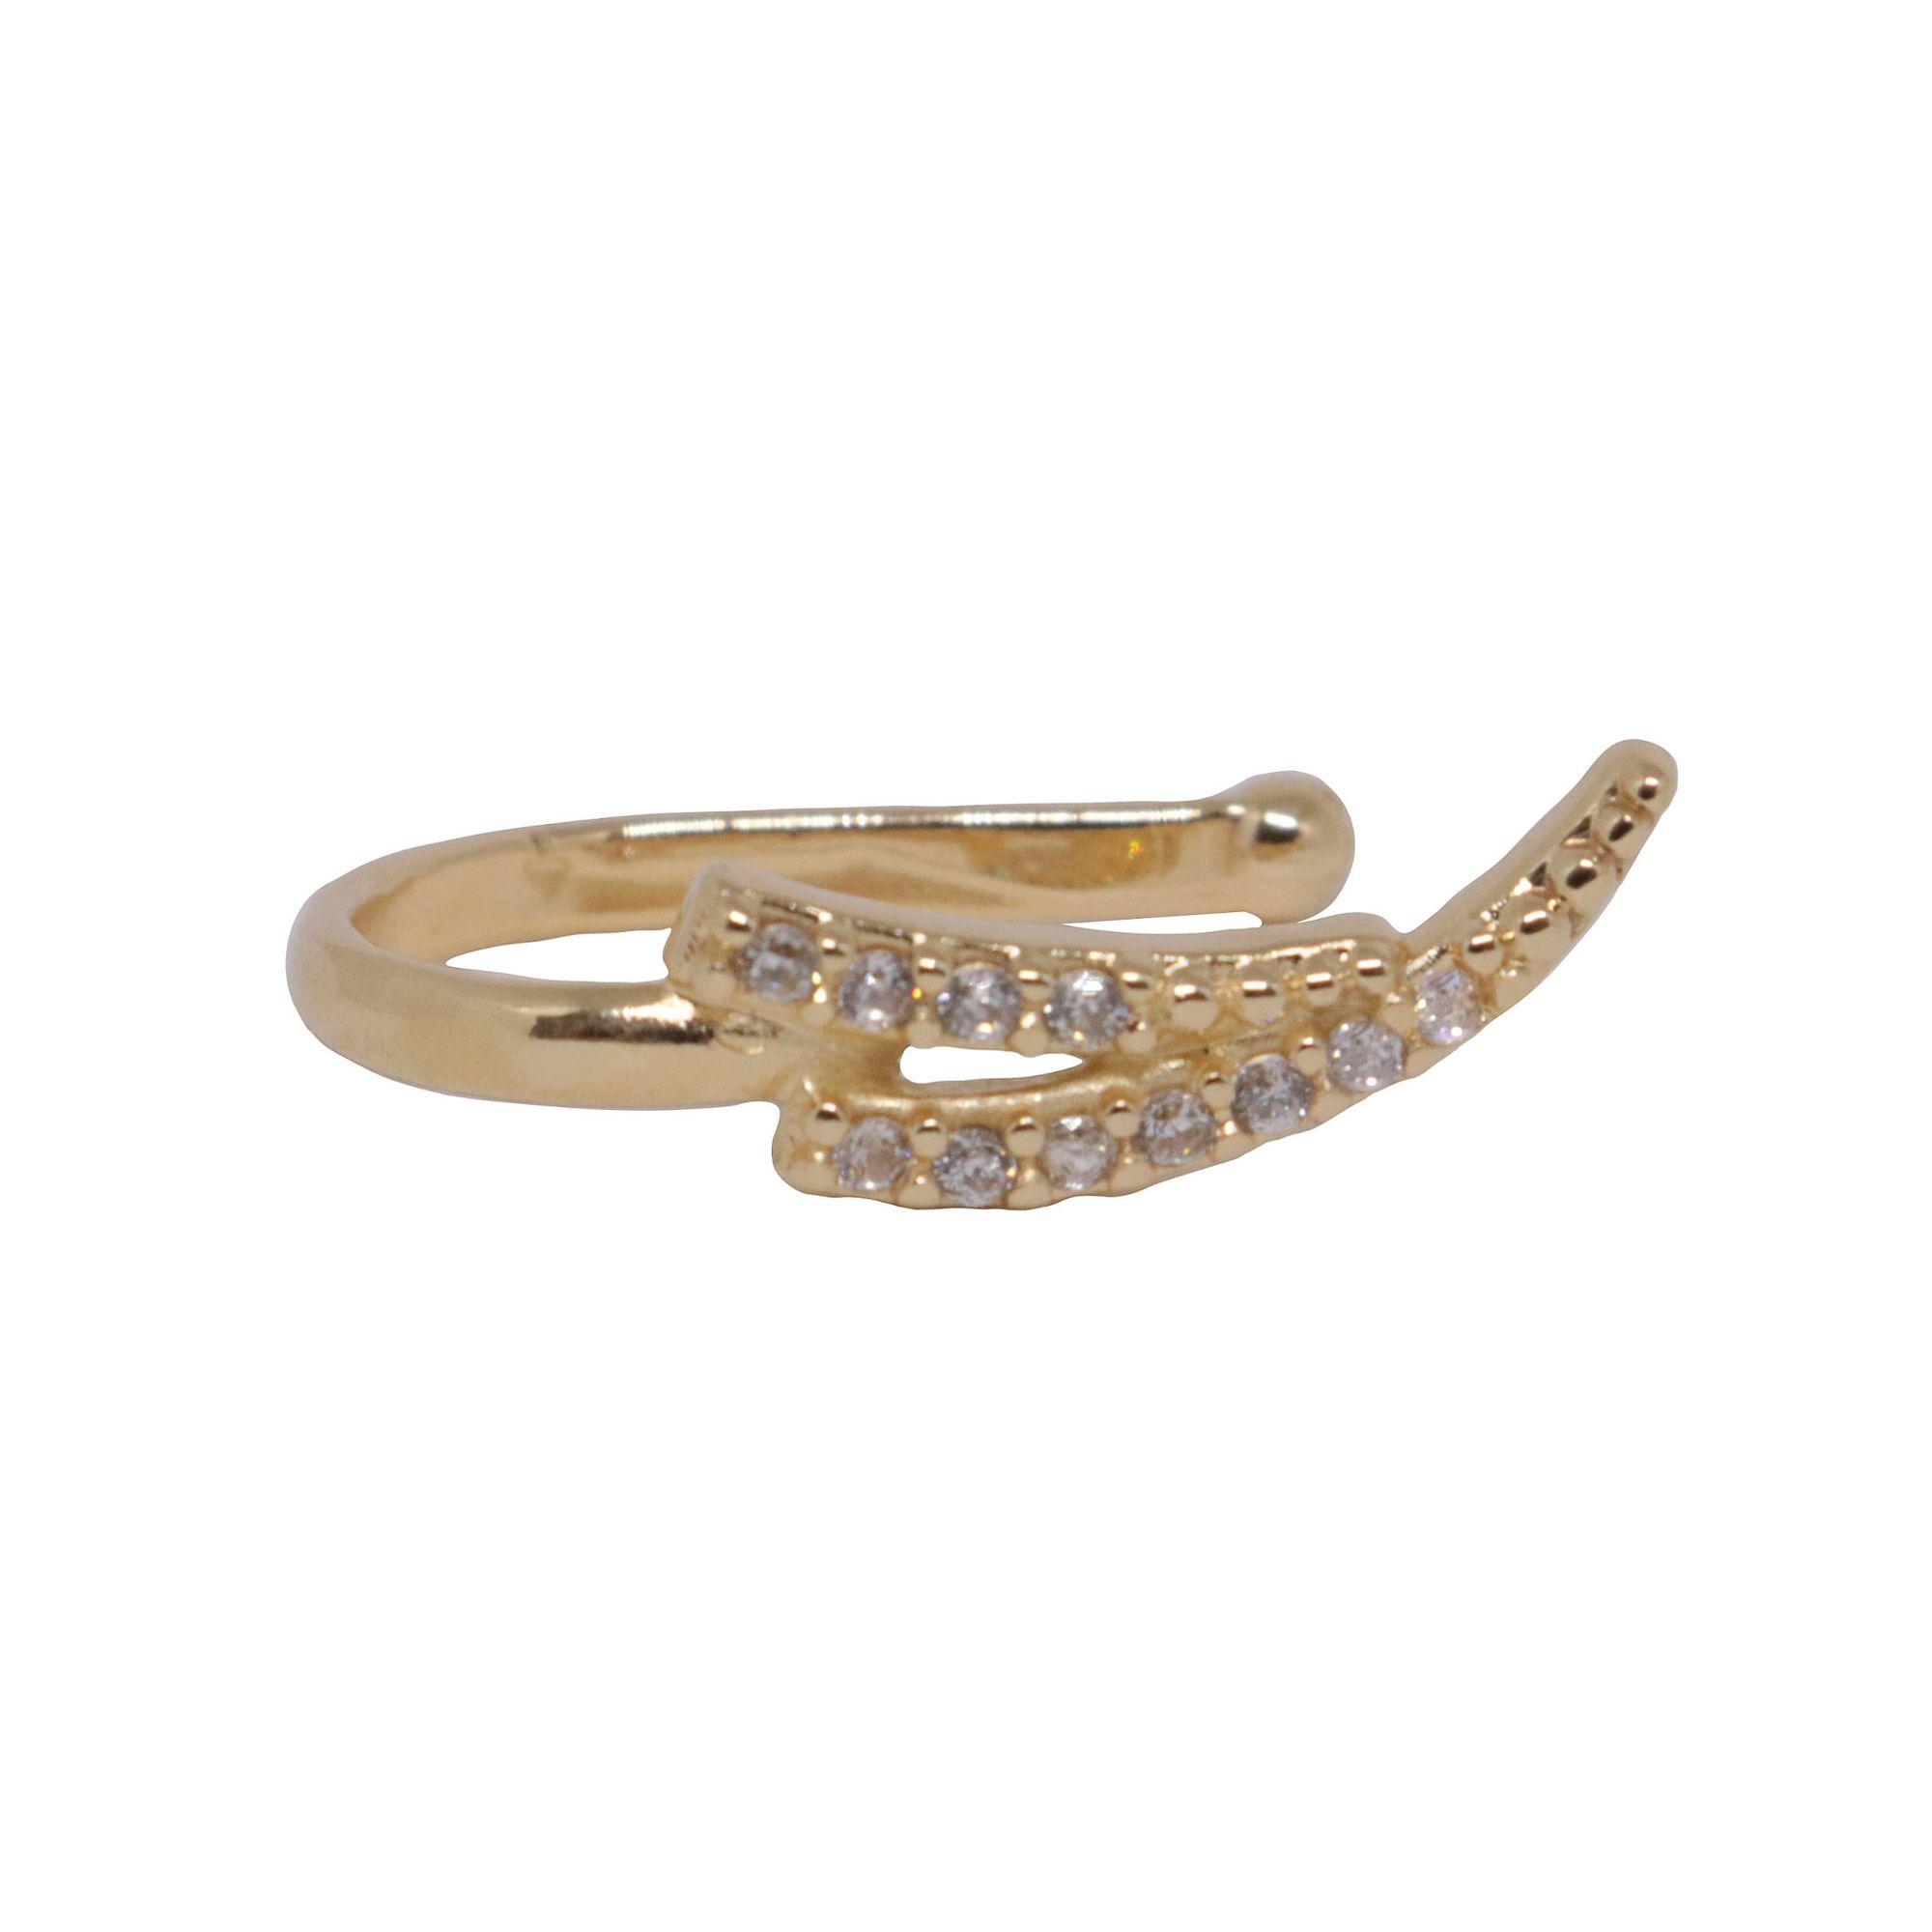 Piercing Semi joia Seta cravejado folheado a ouro 18k ou rhodium